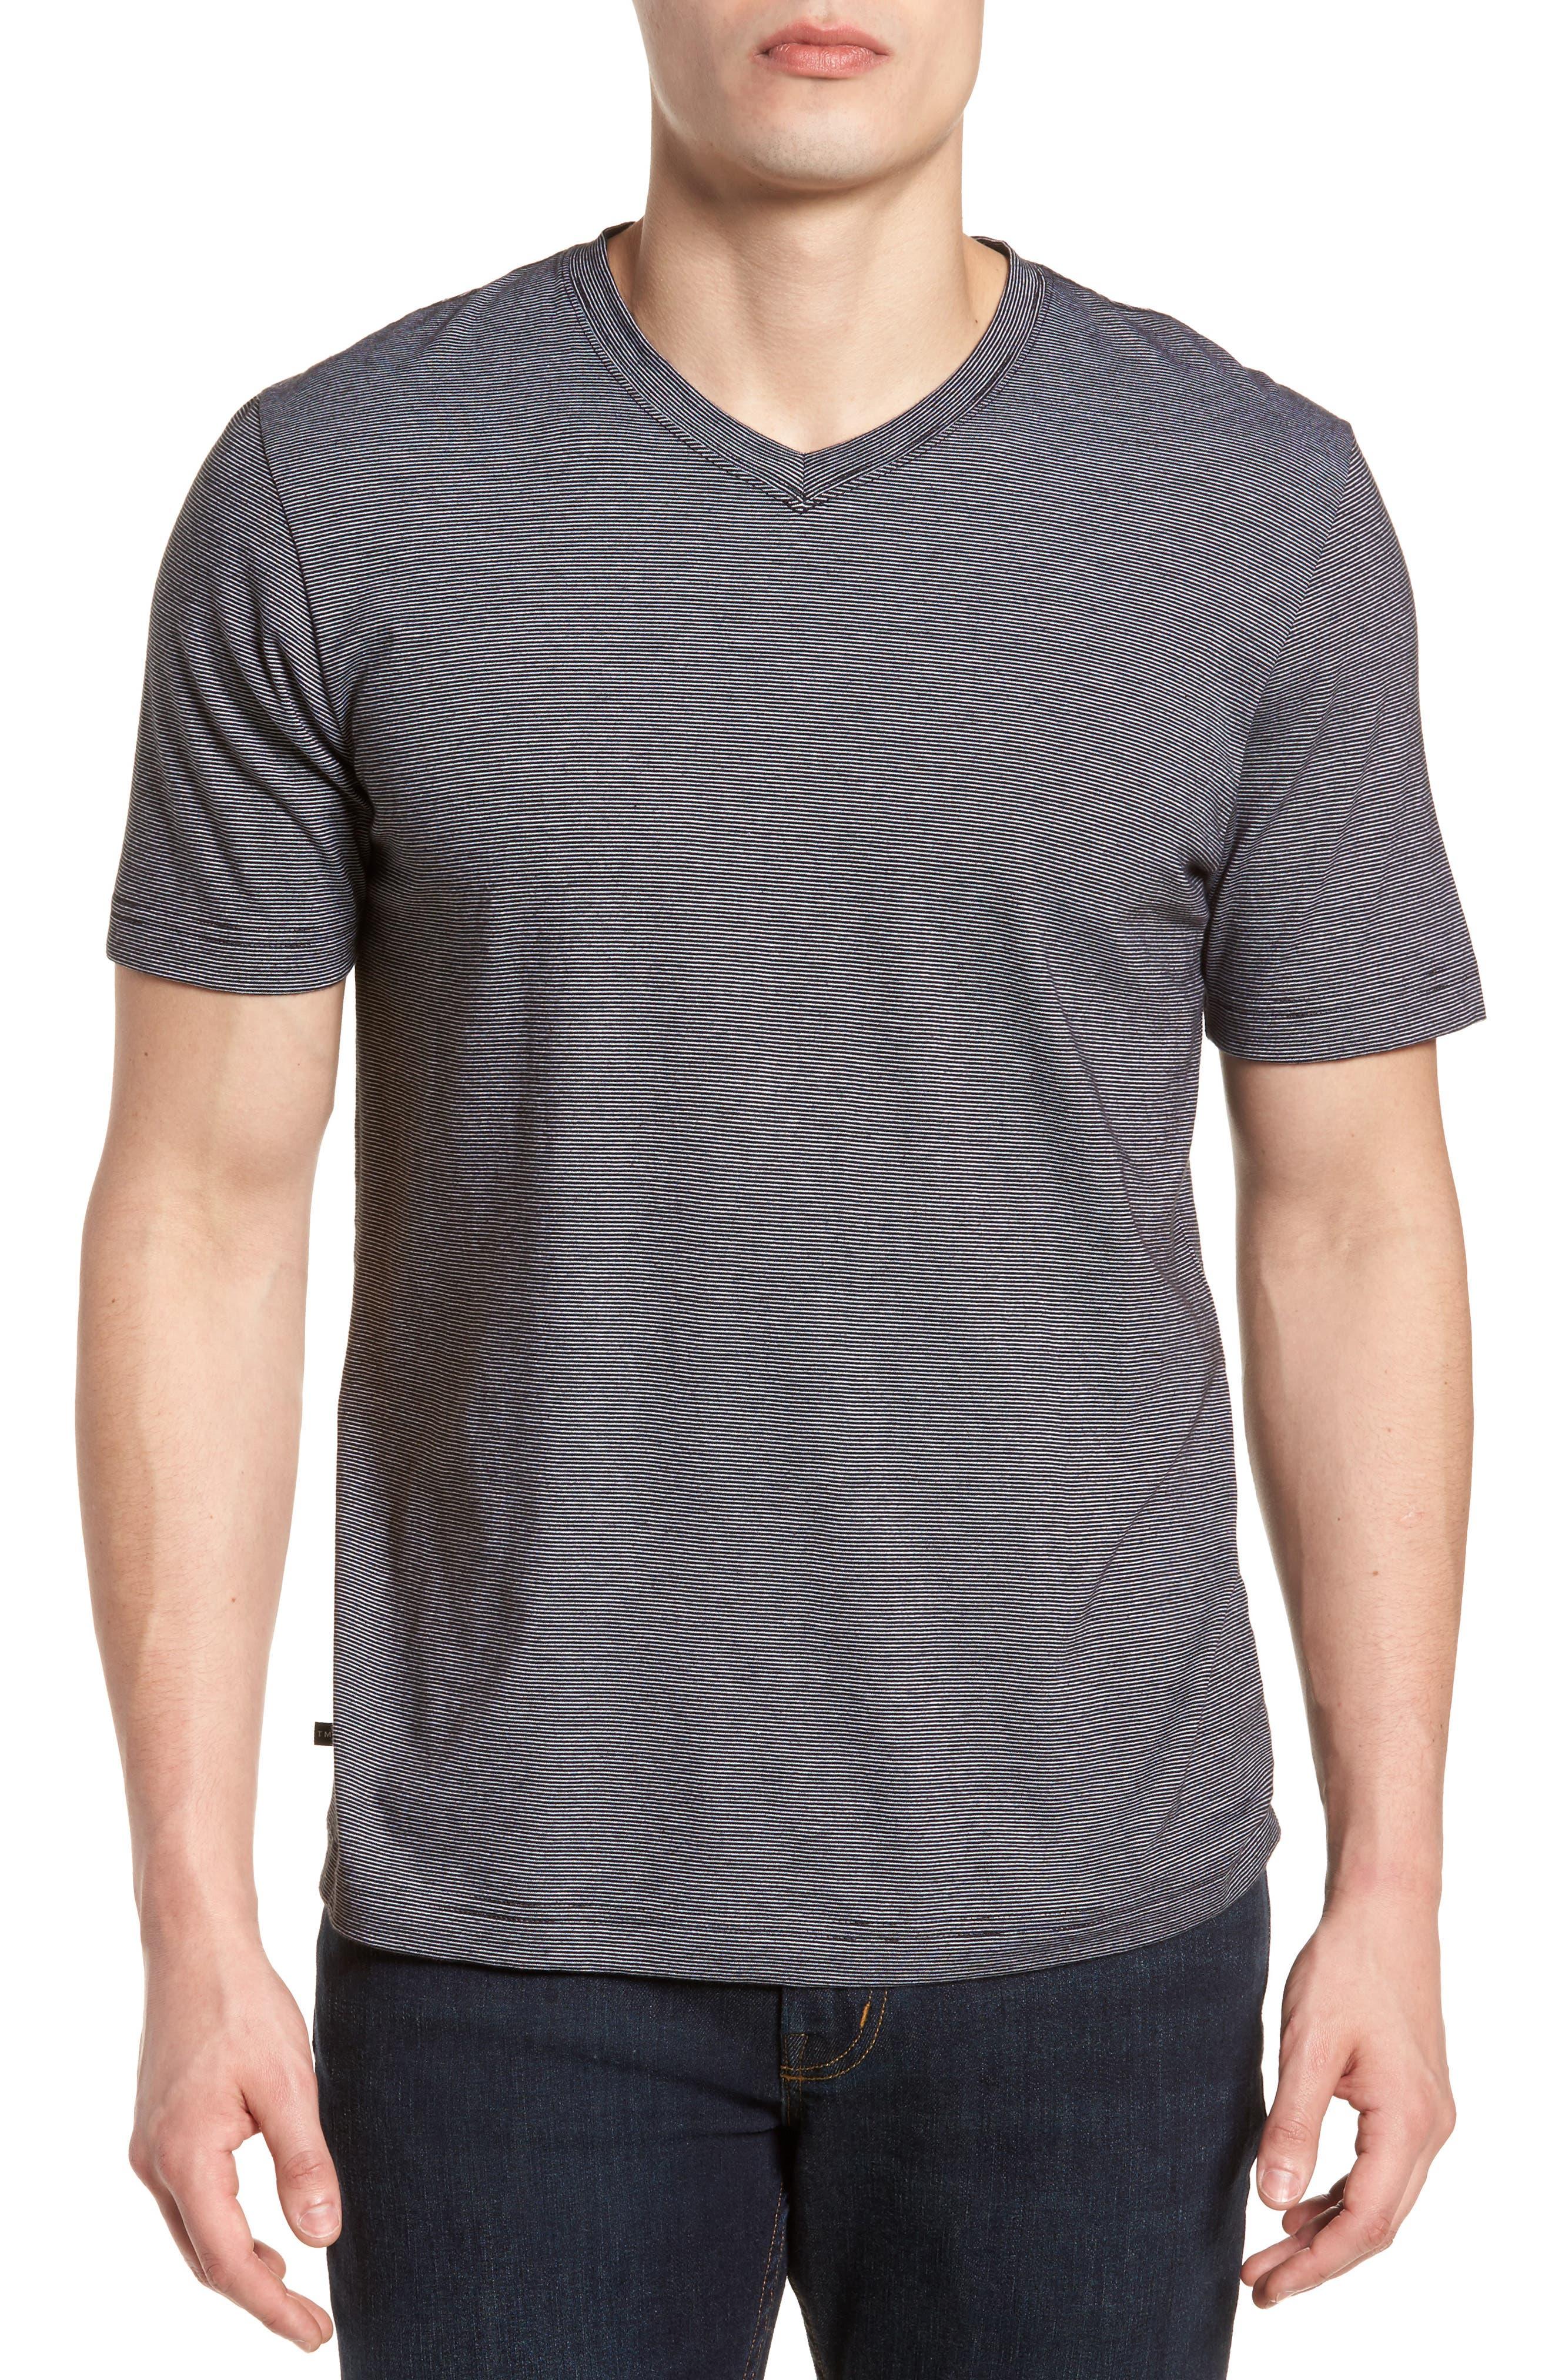 El Presidente T-Shirt,                             Main thumbnail 1, color,                             Black/ White